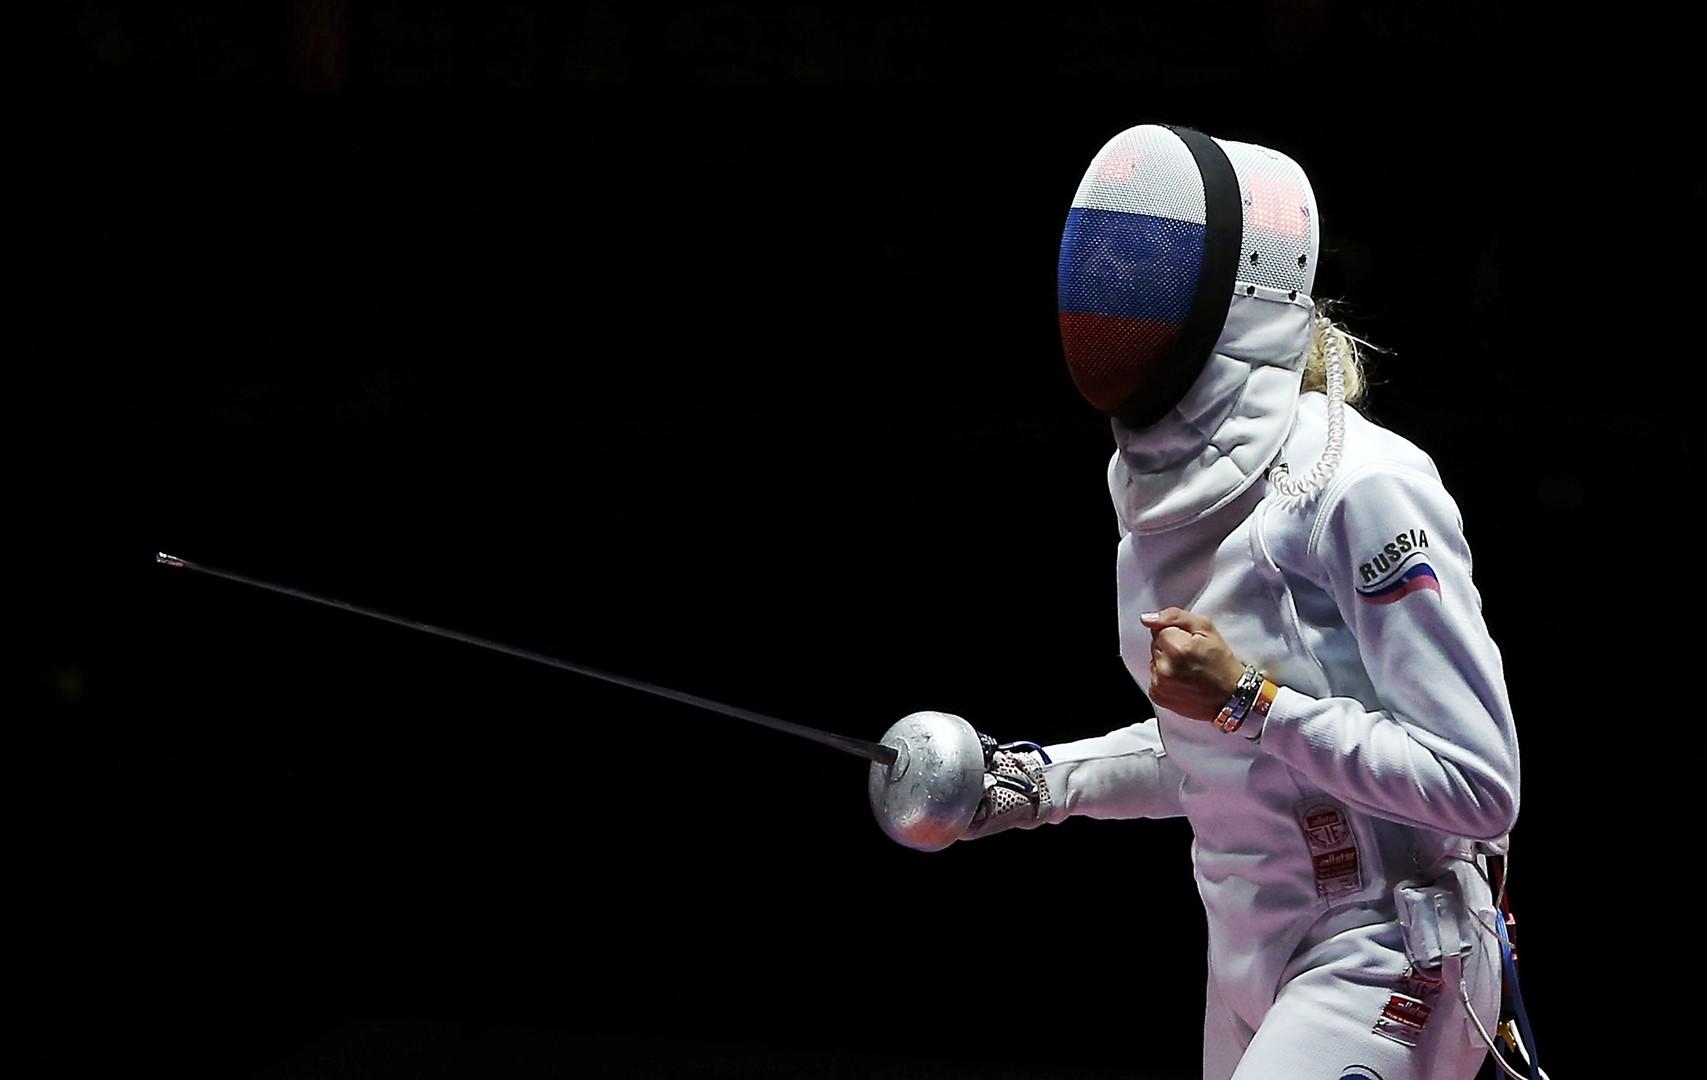 Туше: в WADA объяснили, почему было прекращено расследование в отношении 27 российских фехтовальщиков